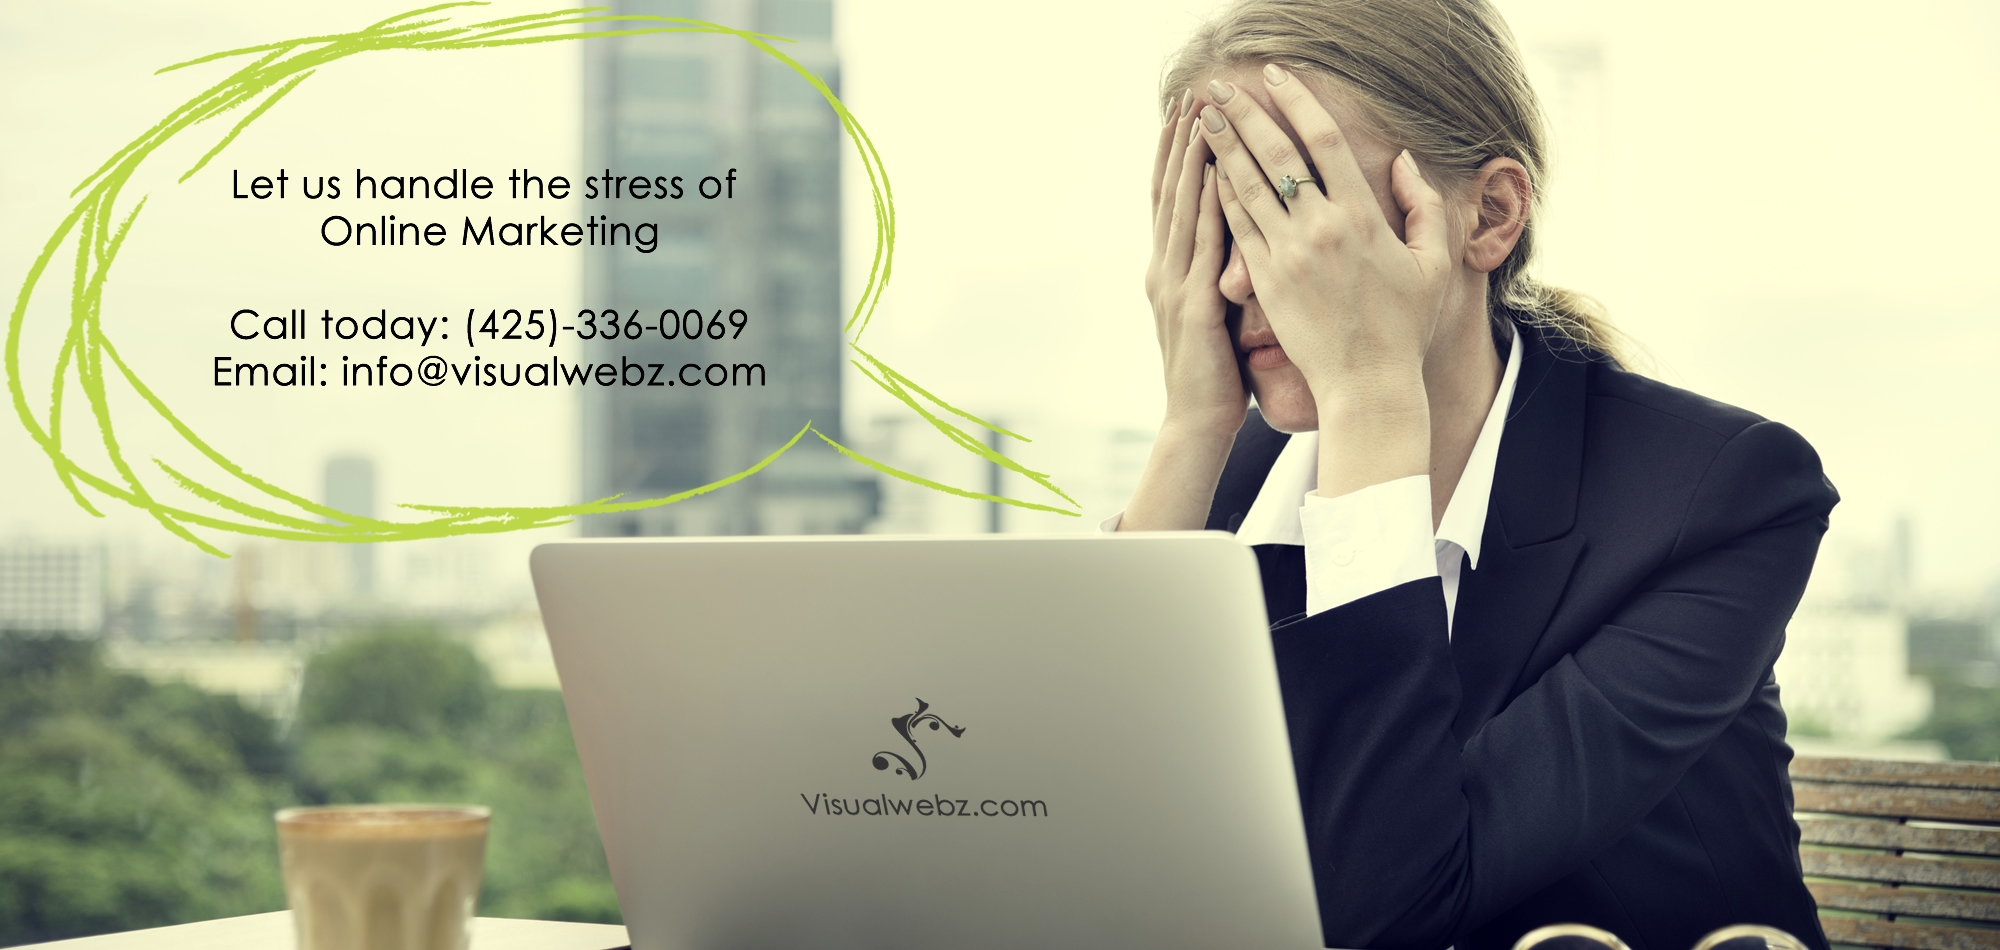 Government Website Designer Seo Web Design Call 425 336 0069